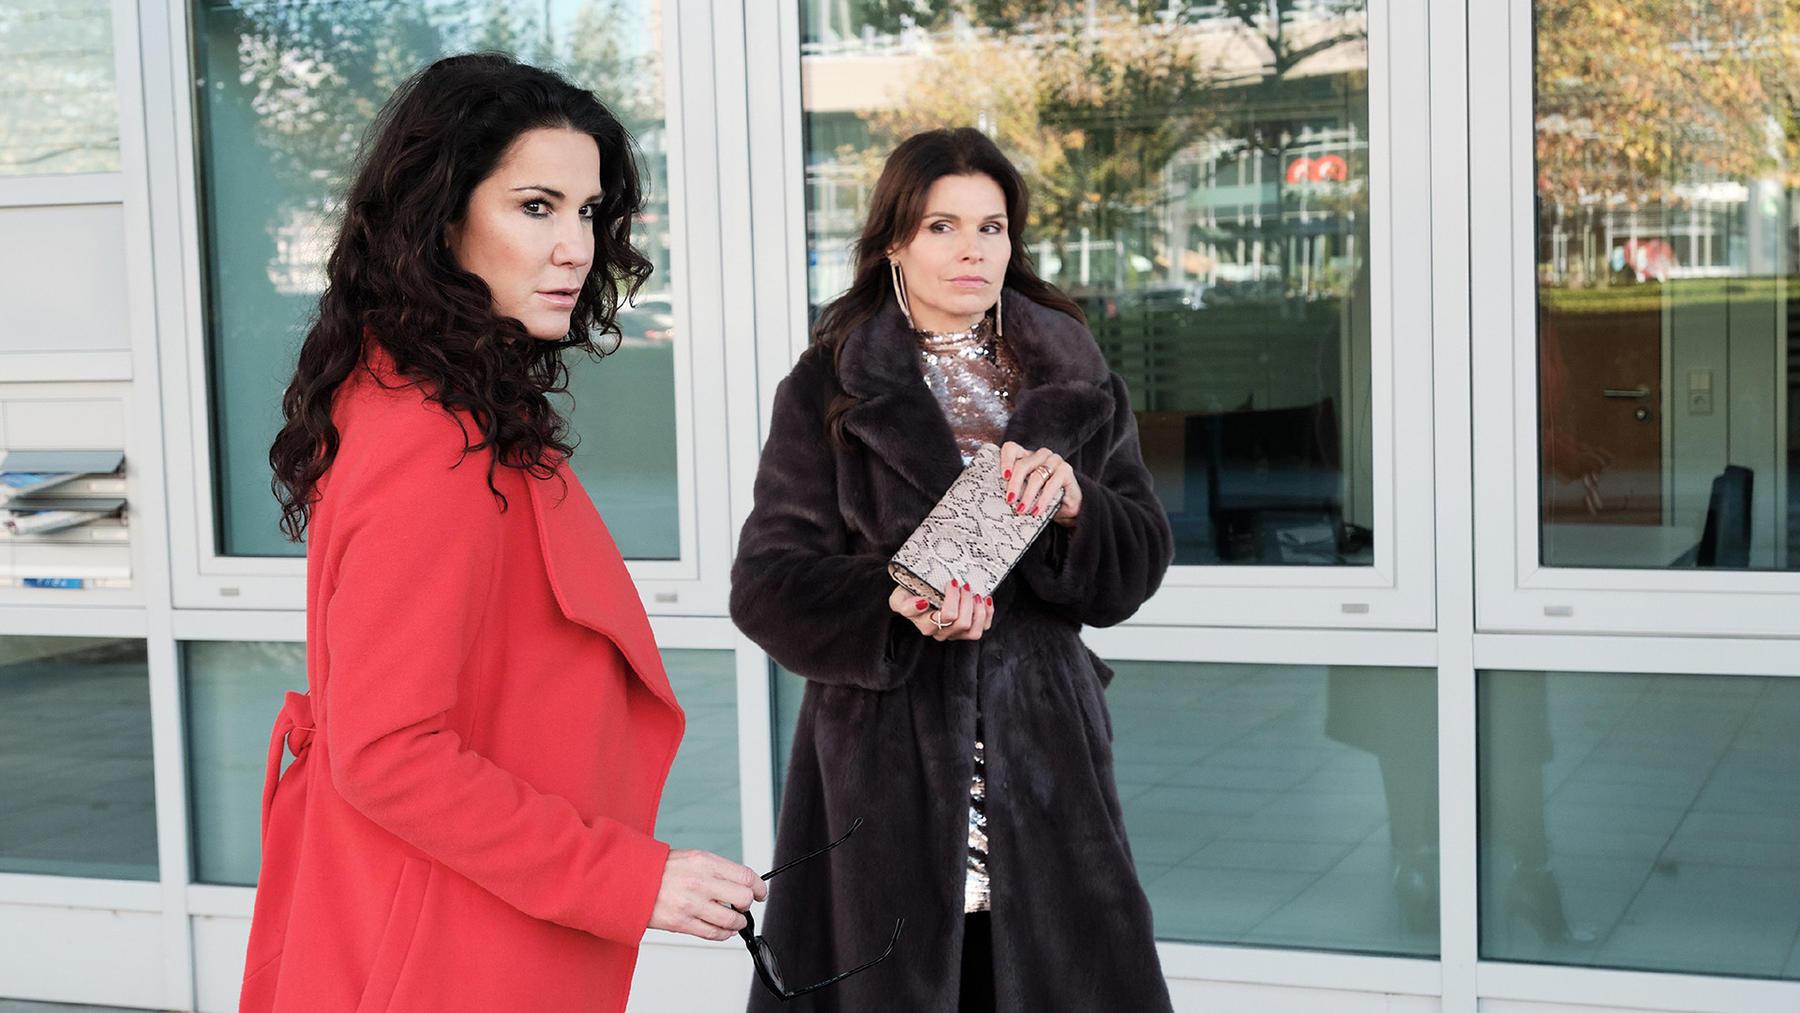 Wird Britta ihrer Model-Freundin gegenüber Robert verleugnen?